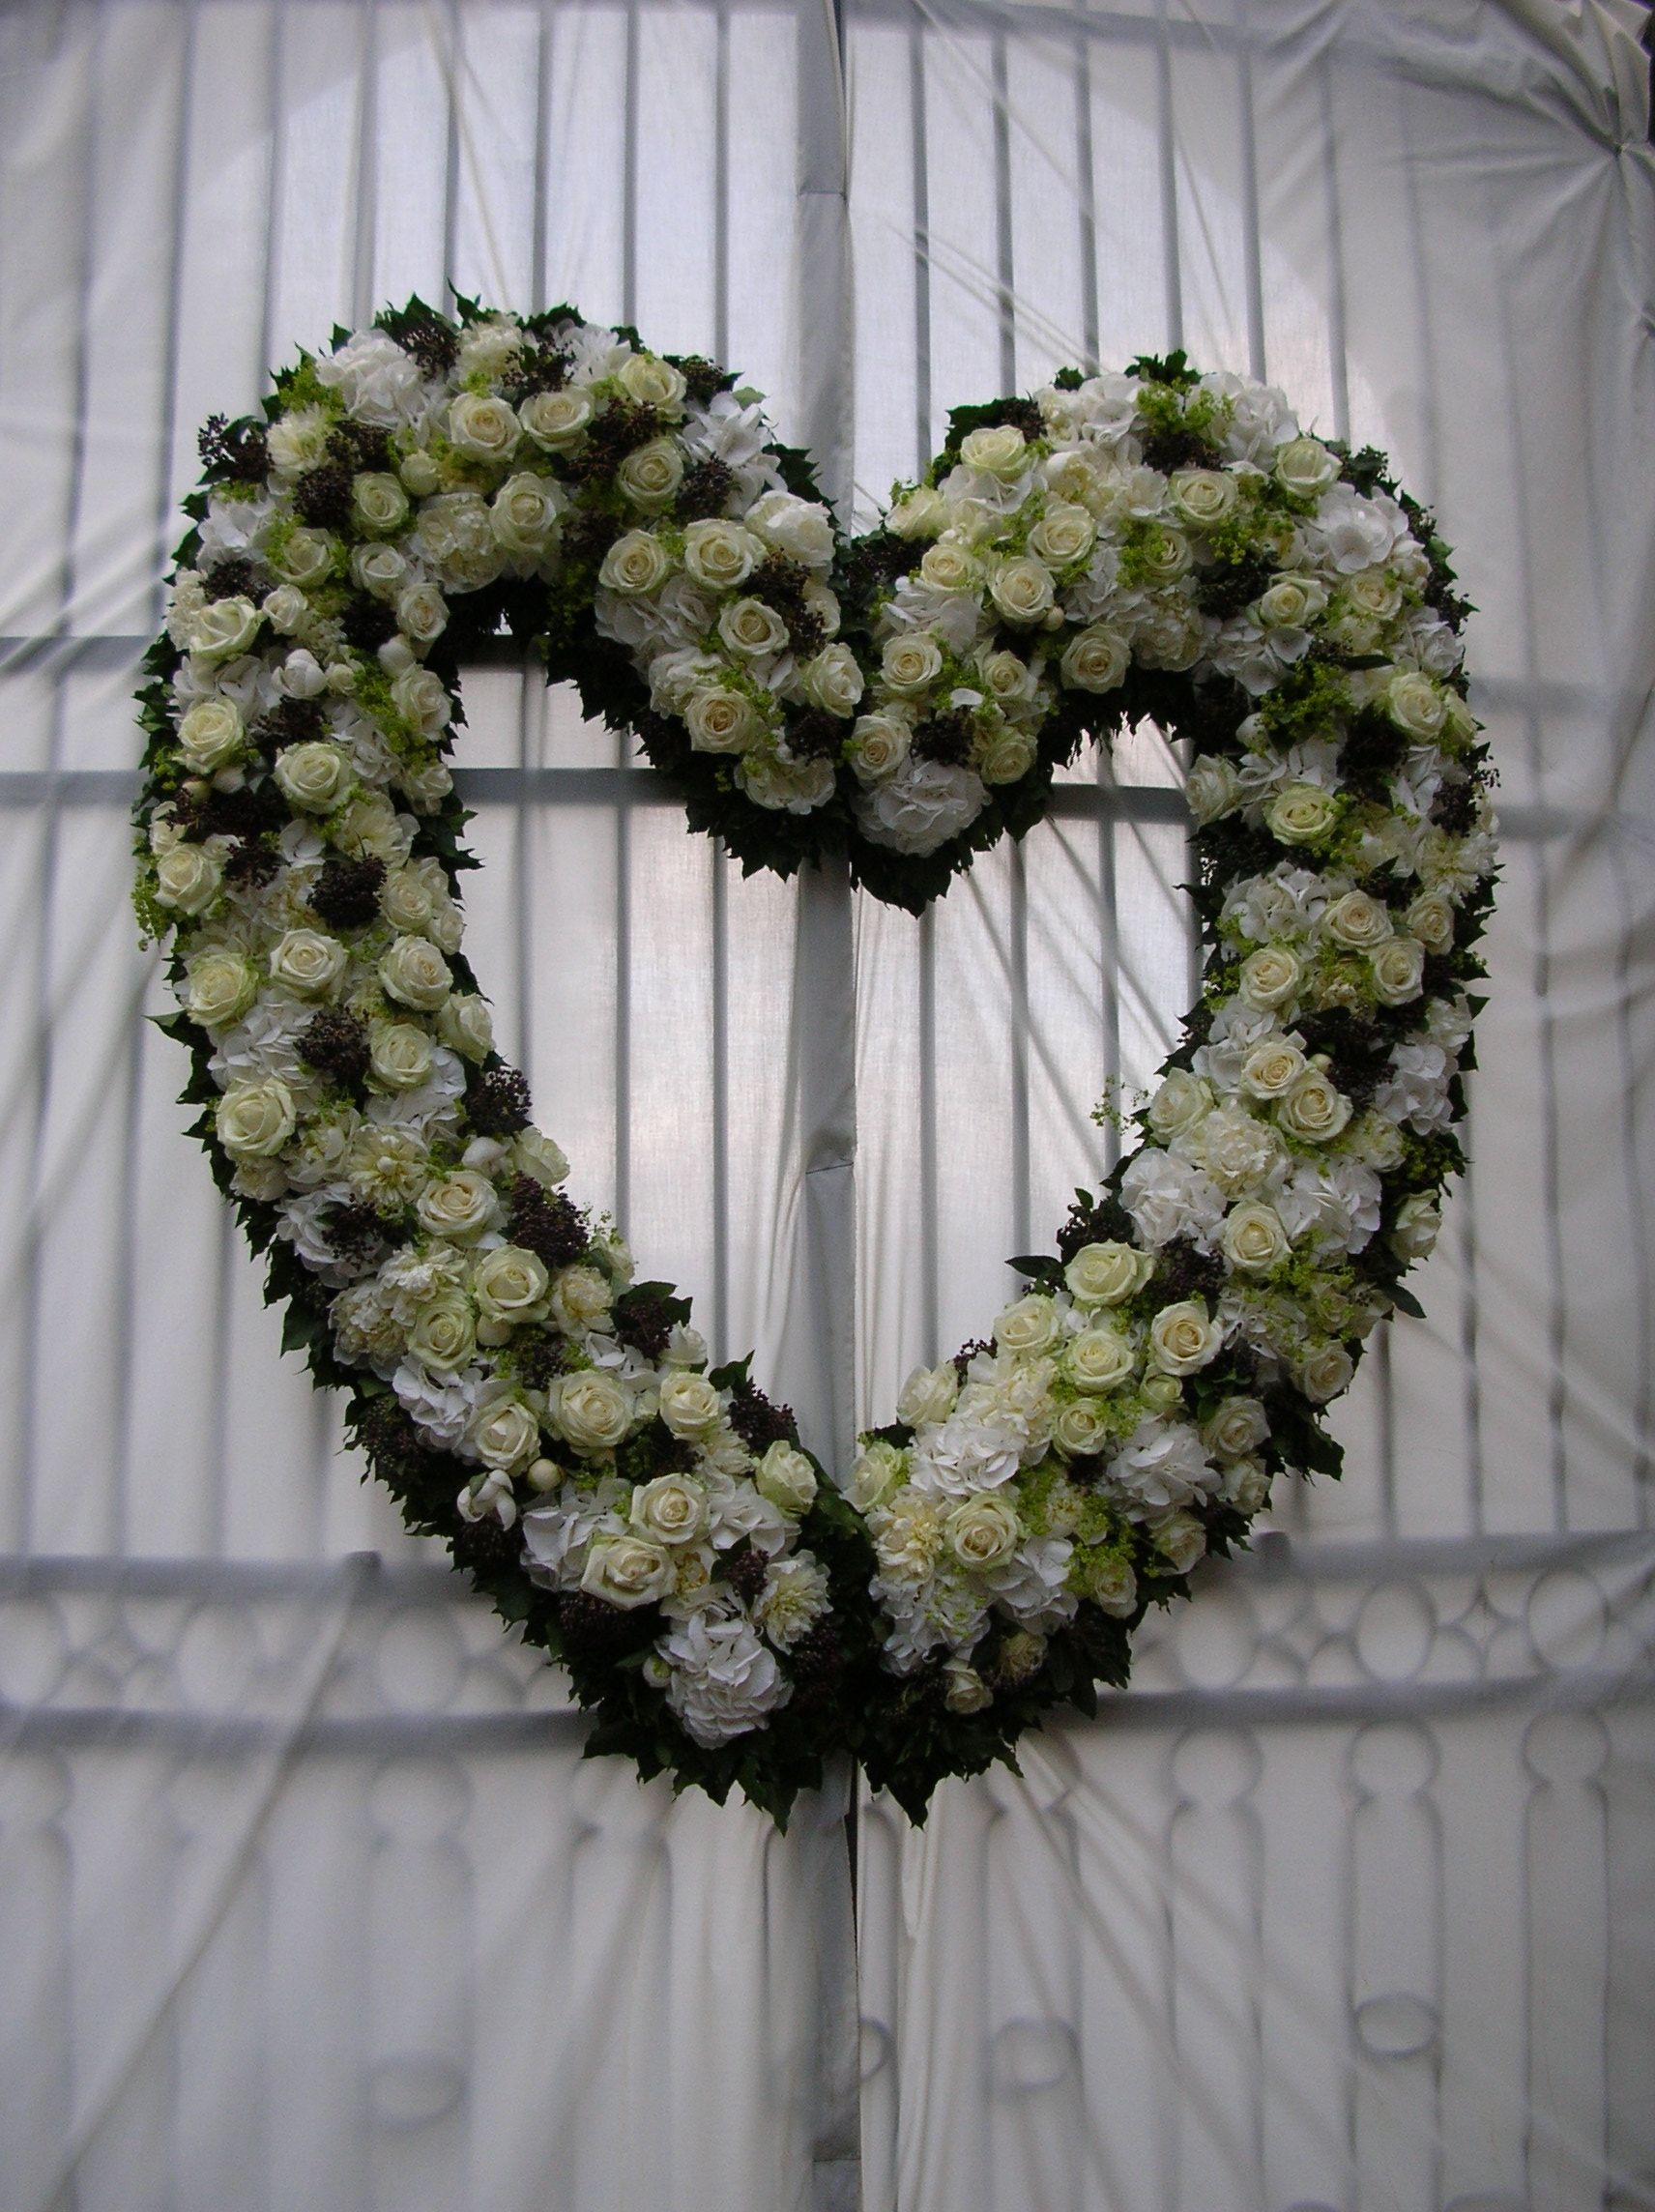 Heart of roses and hydrangea #Italian wedding